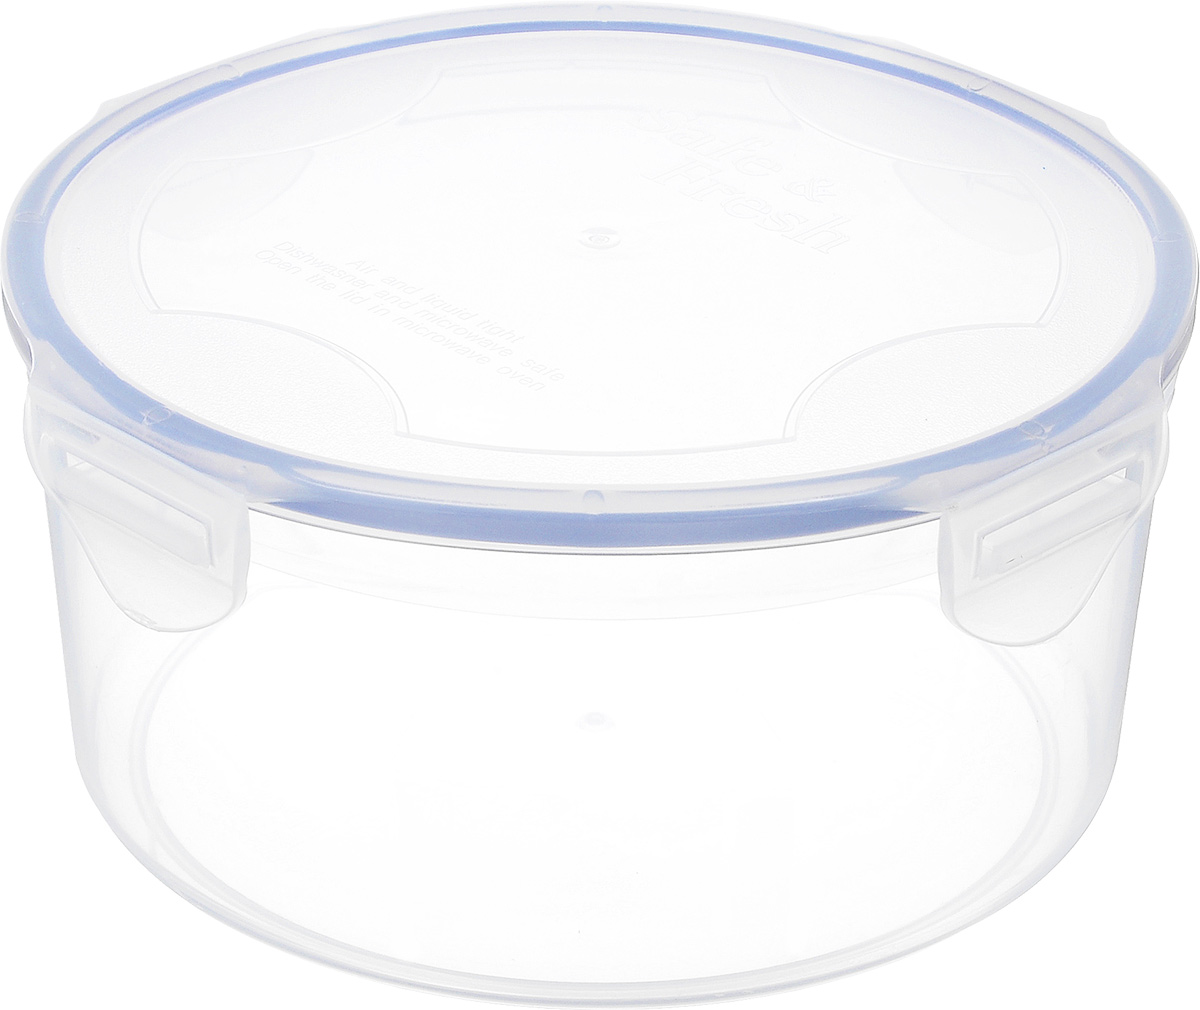 Контейнер пищевой Tek-a-Tek, 1,4 л9680-TVПищевой контейнер Tek-a-Tek выполнен из высококачественного пластика. Изделие оснащено четырехсторонними петлями-замками и силиконовой прокладкой на внутренней стороне крышки. Это позволяет воде и воздуху не попадать внутрь, сохраняется герметичность. Изделие абсолютно нетоксично при любом температурном режиме. Можно использовать в посудомоечной машине, а так же в микроволновой печи (без крышки), замораживать до -20°С и размораживать различные продукты без потери вкусовых качеств.